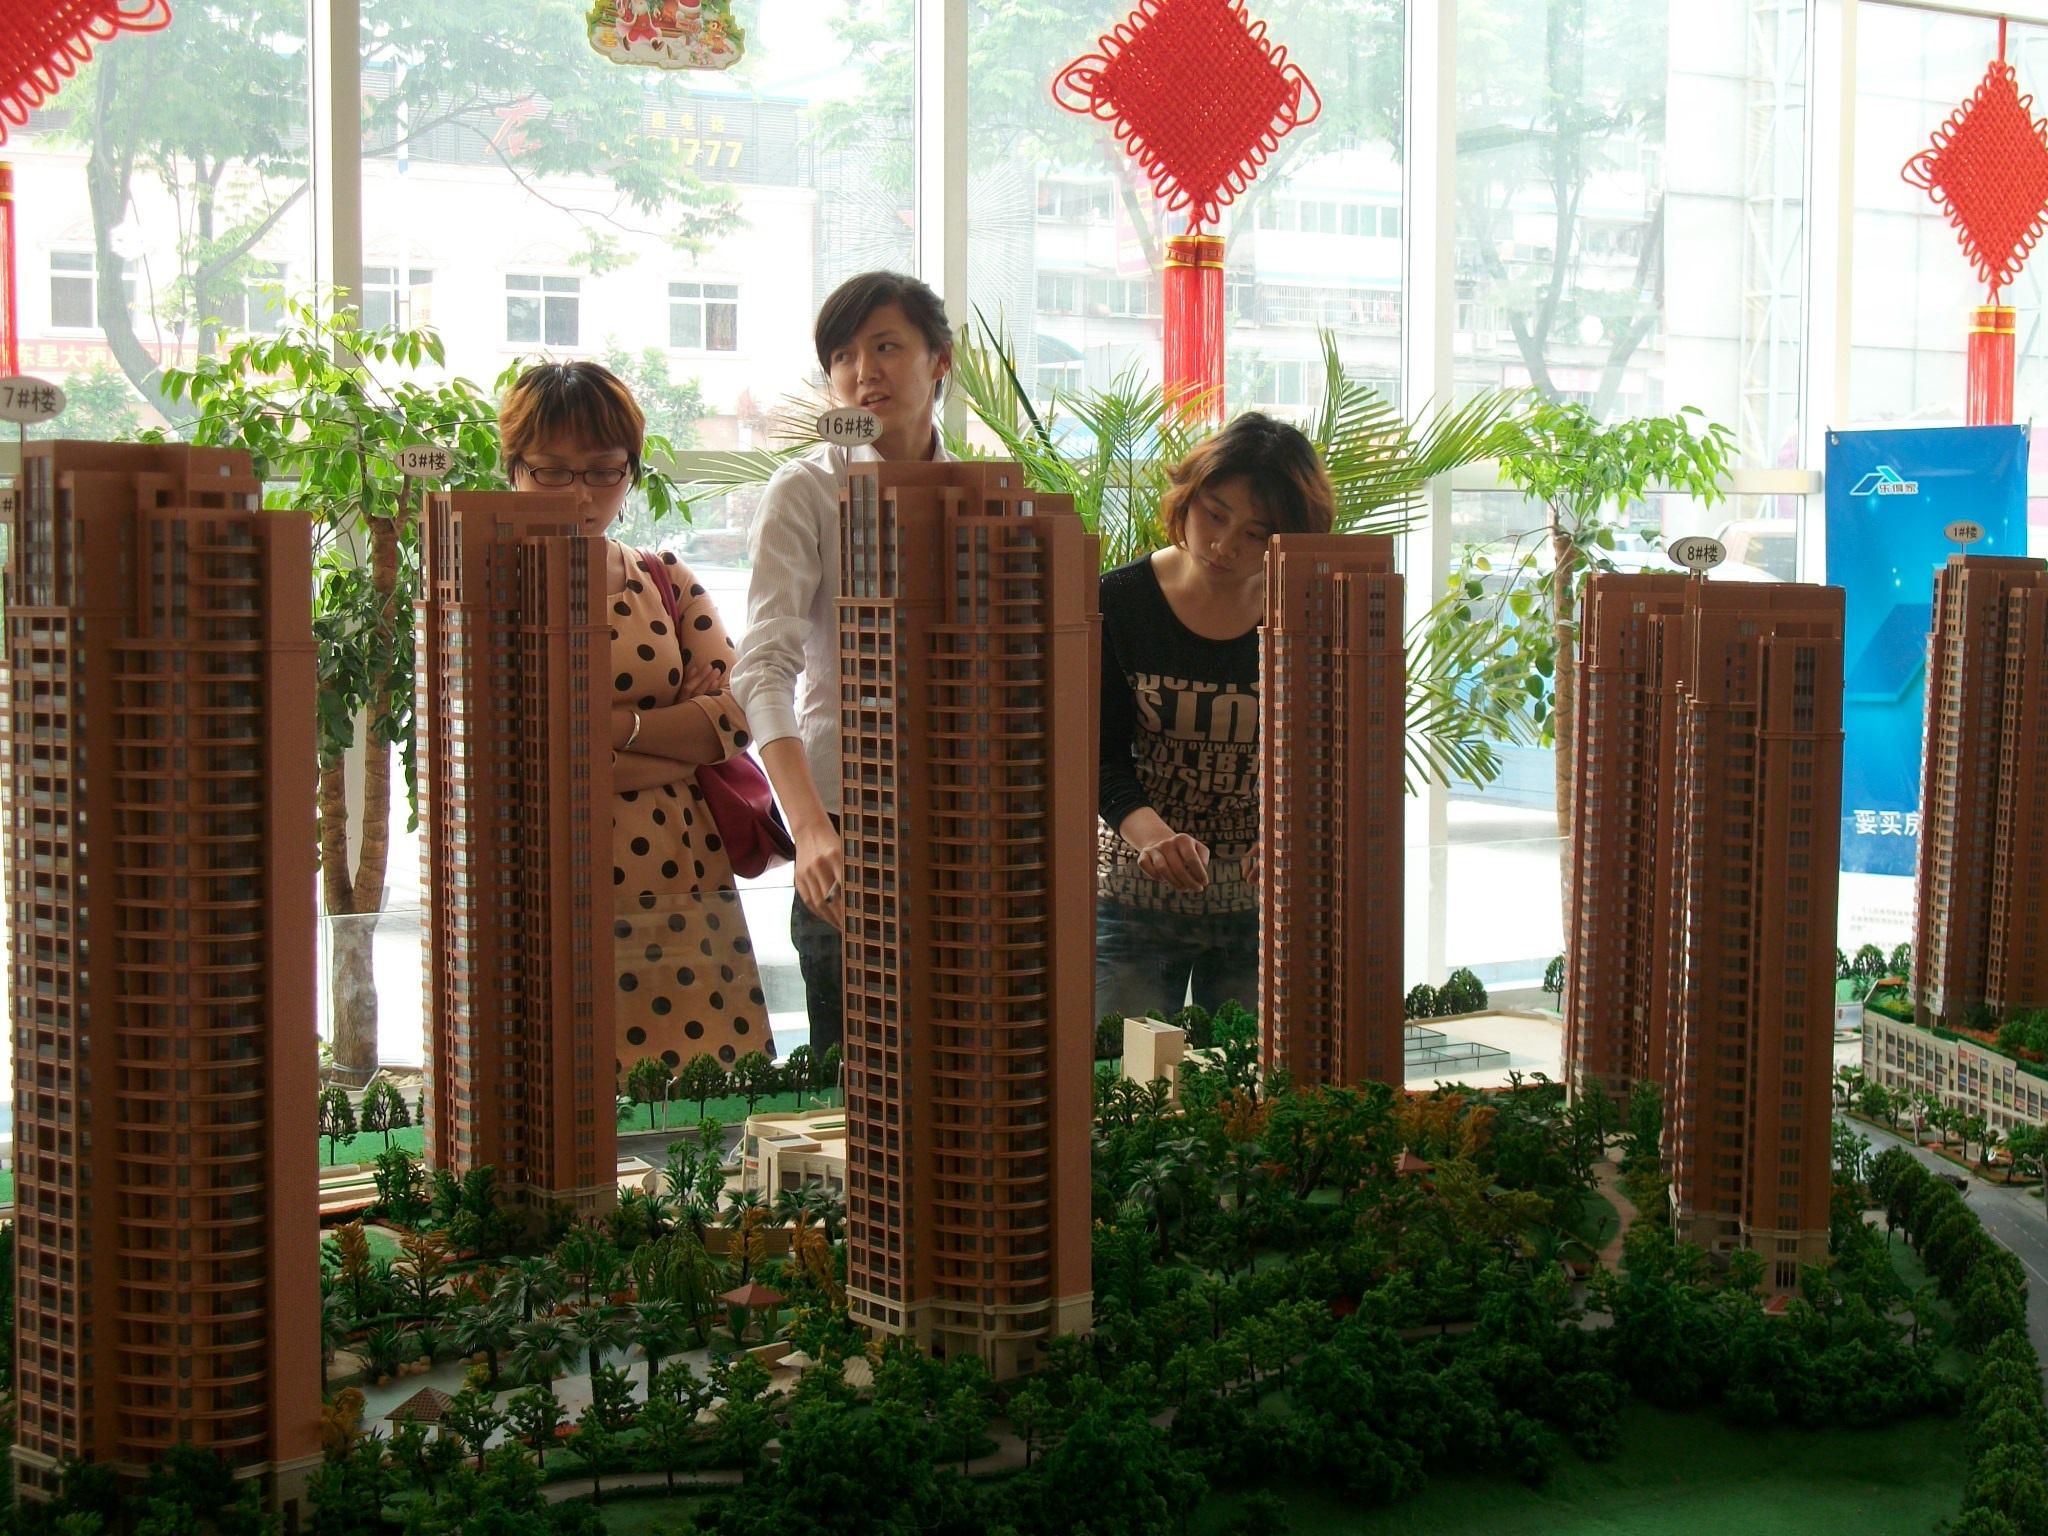 项目以新城市印象,新生活领域为主题,将规划建成一个符合现代化城市发展水准、体现鲜明时代特色、汇聚都市时尚元素的城市新地标综合体。香山•福久源由宜昌弘洋投资有限公司倾力打造,位于城市东大门(伍家岗桔城路)41万平米大型城市综合体。集购物、休闲、餐饮、酒店、商务等功能为一体,涵盖大型超市、精品时尚百货、影视院线、写字楼、珠宝家居、主题街区、品牌专卖、美食广场诸业态。是一个集办公、居住、购物、休闲、娱乐为一体的大型城市综合体,是宜昌城市东扩的最前线,是宜昌市未来最具活力的消费市场,也是最具